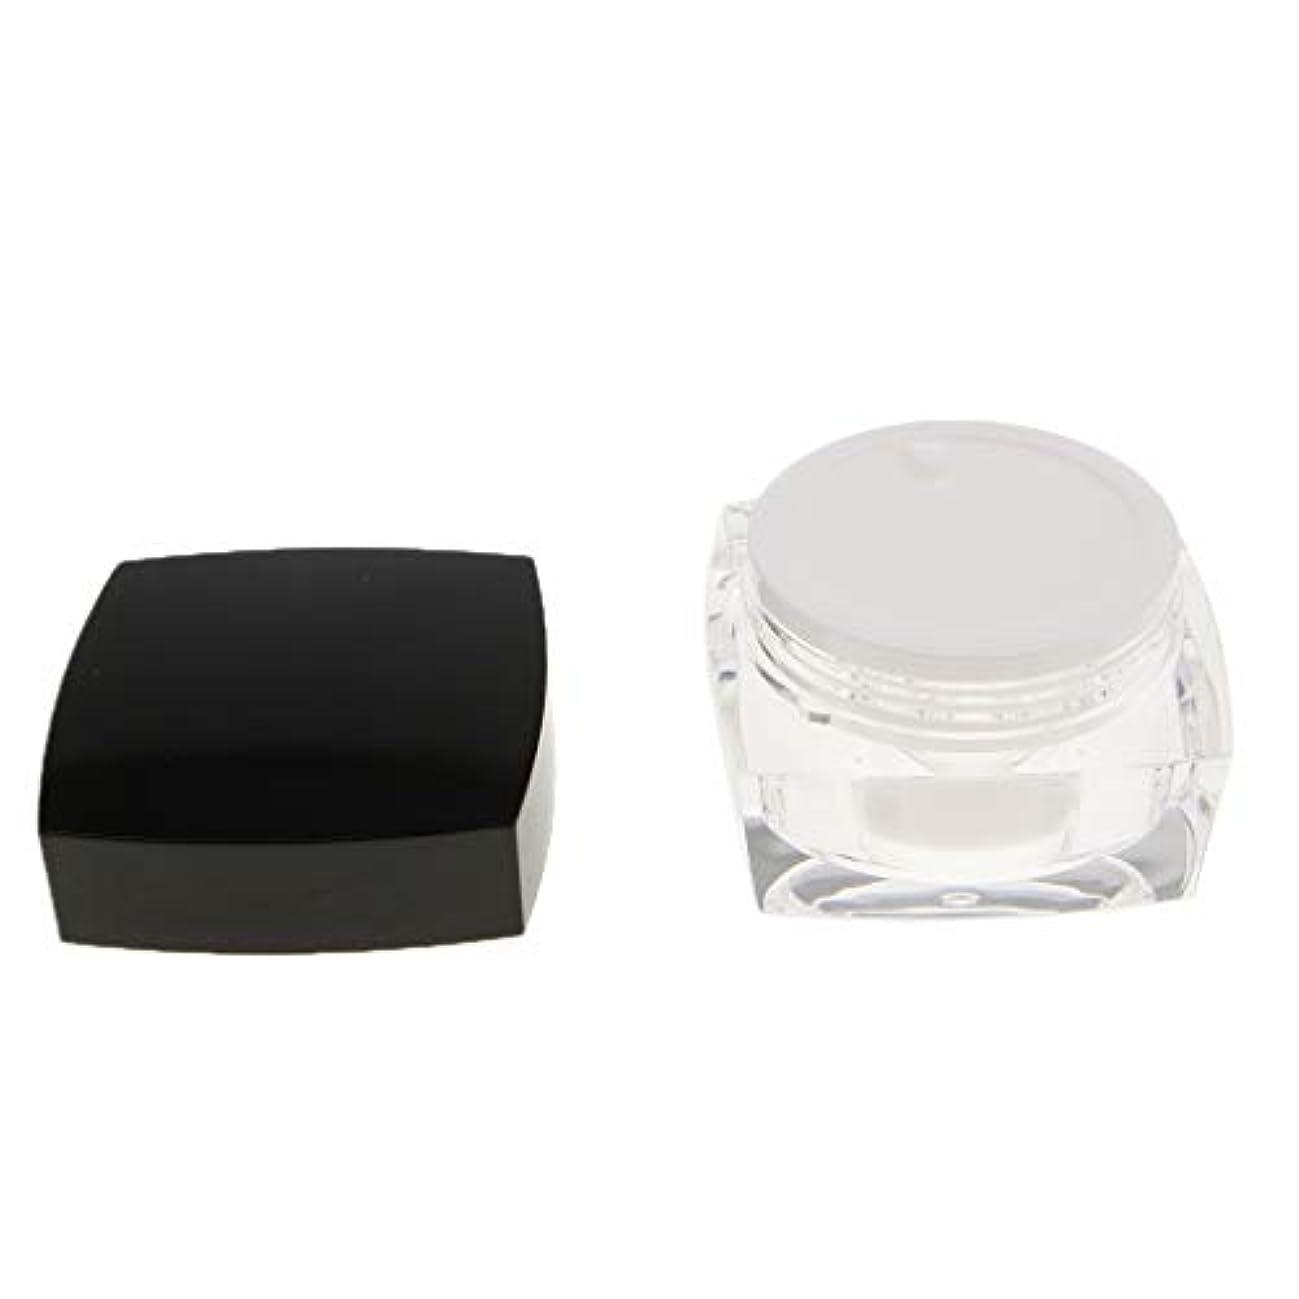 敬意を表する周術期道徳教育B Baosity 化粧品容器 クリームジャー 旅行小物 コスメ 詰替え 2サイズ選べ - 50g